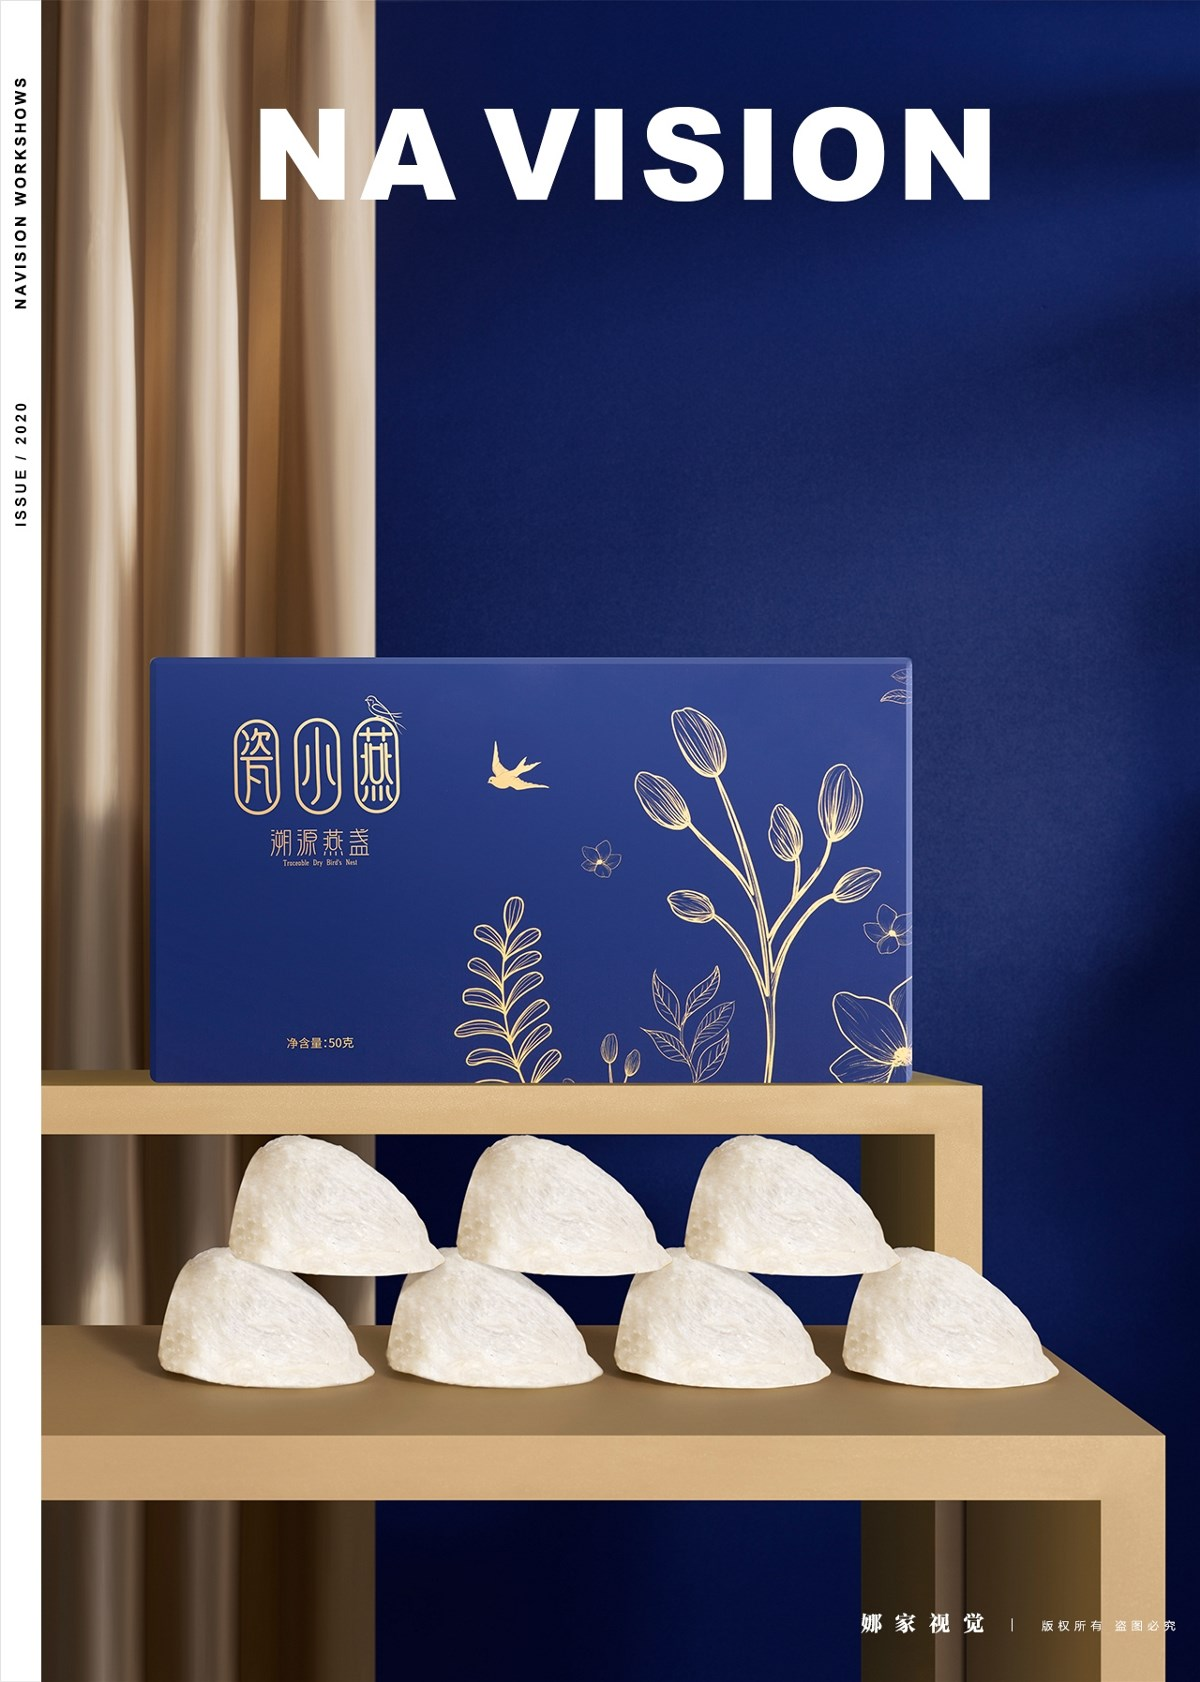 电商摄影 | 瓷小燕鲜炖燕窝之礼盒篇 ✖ 娜家视觉